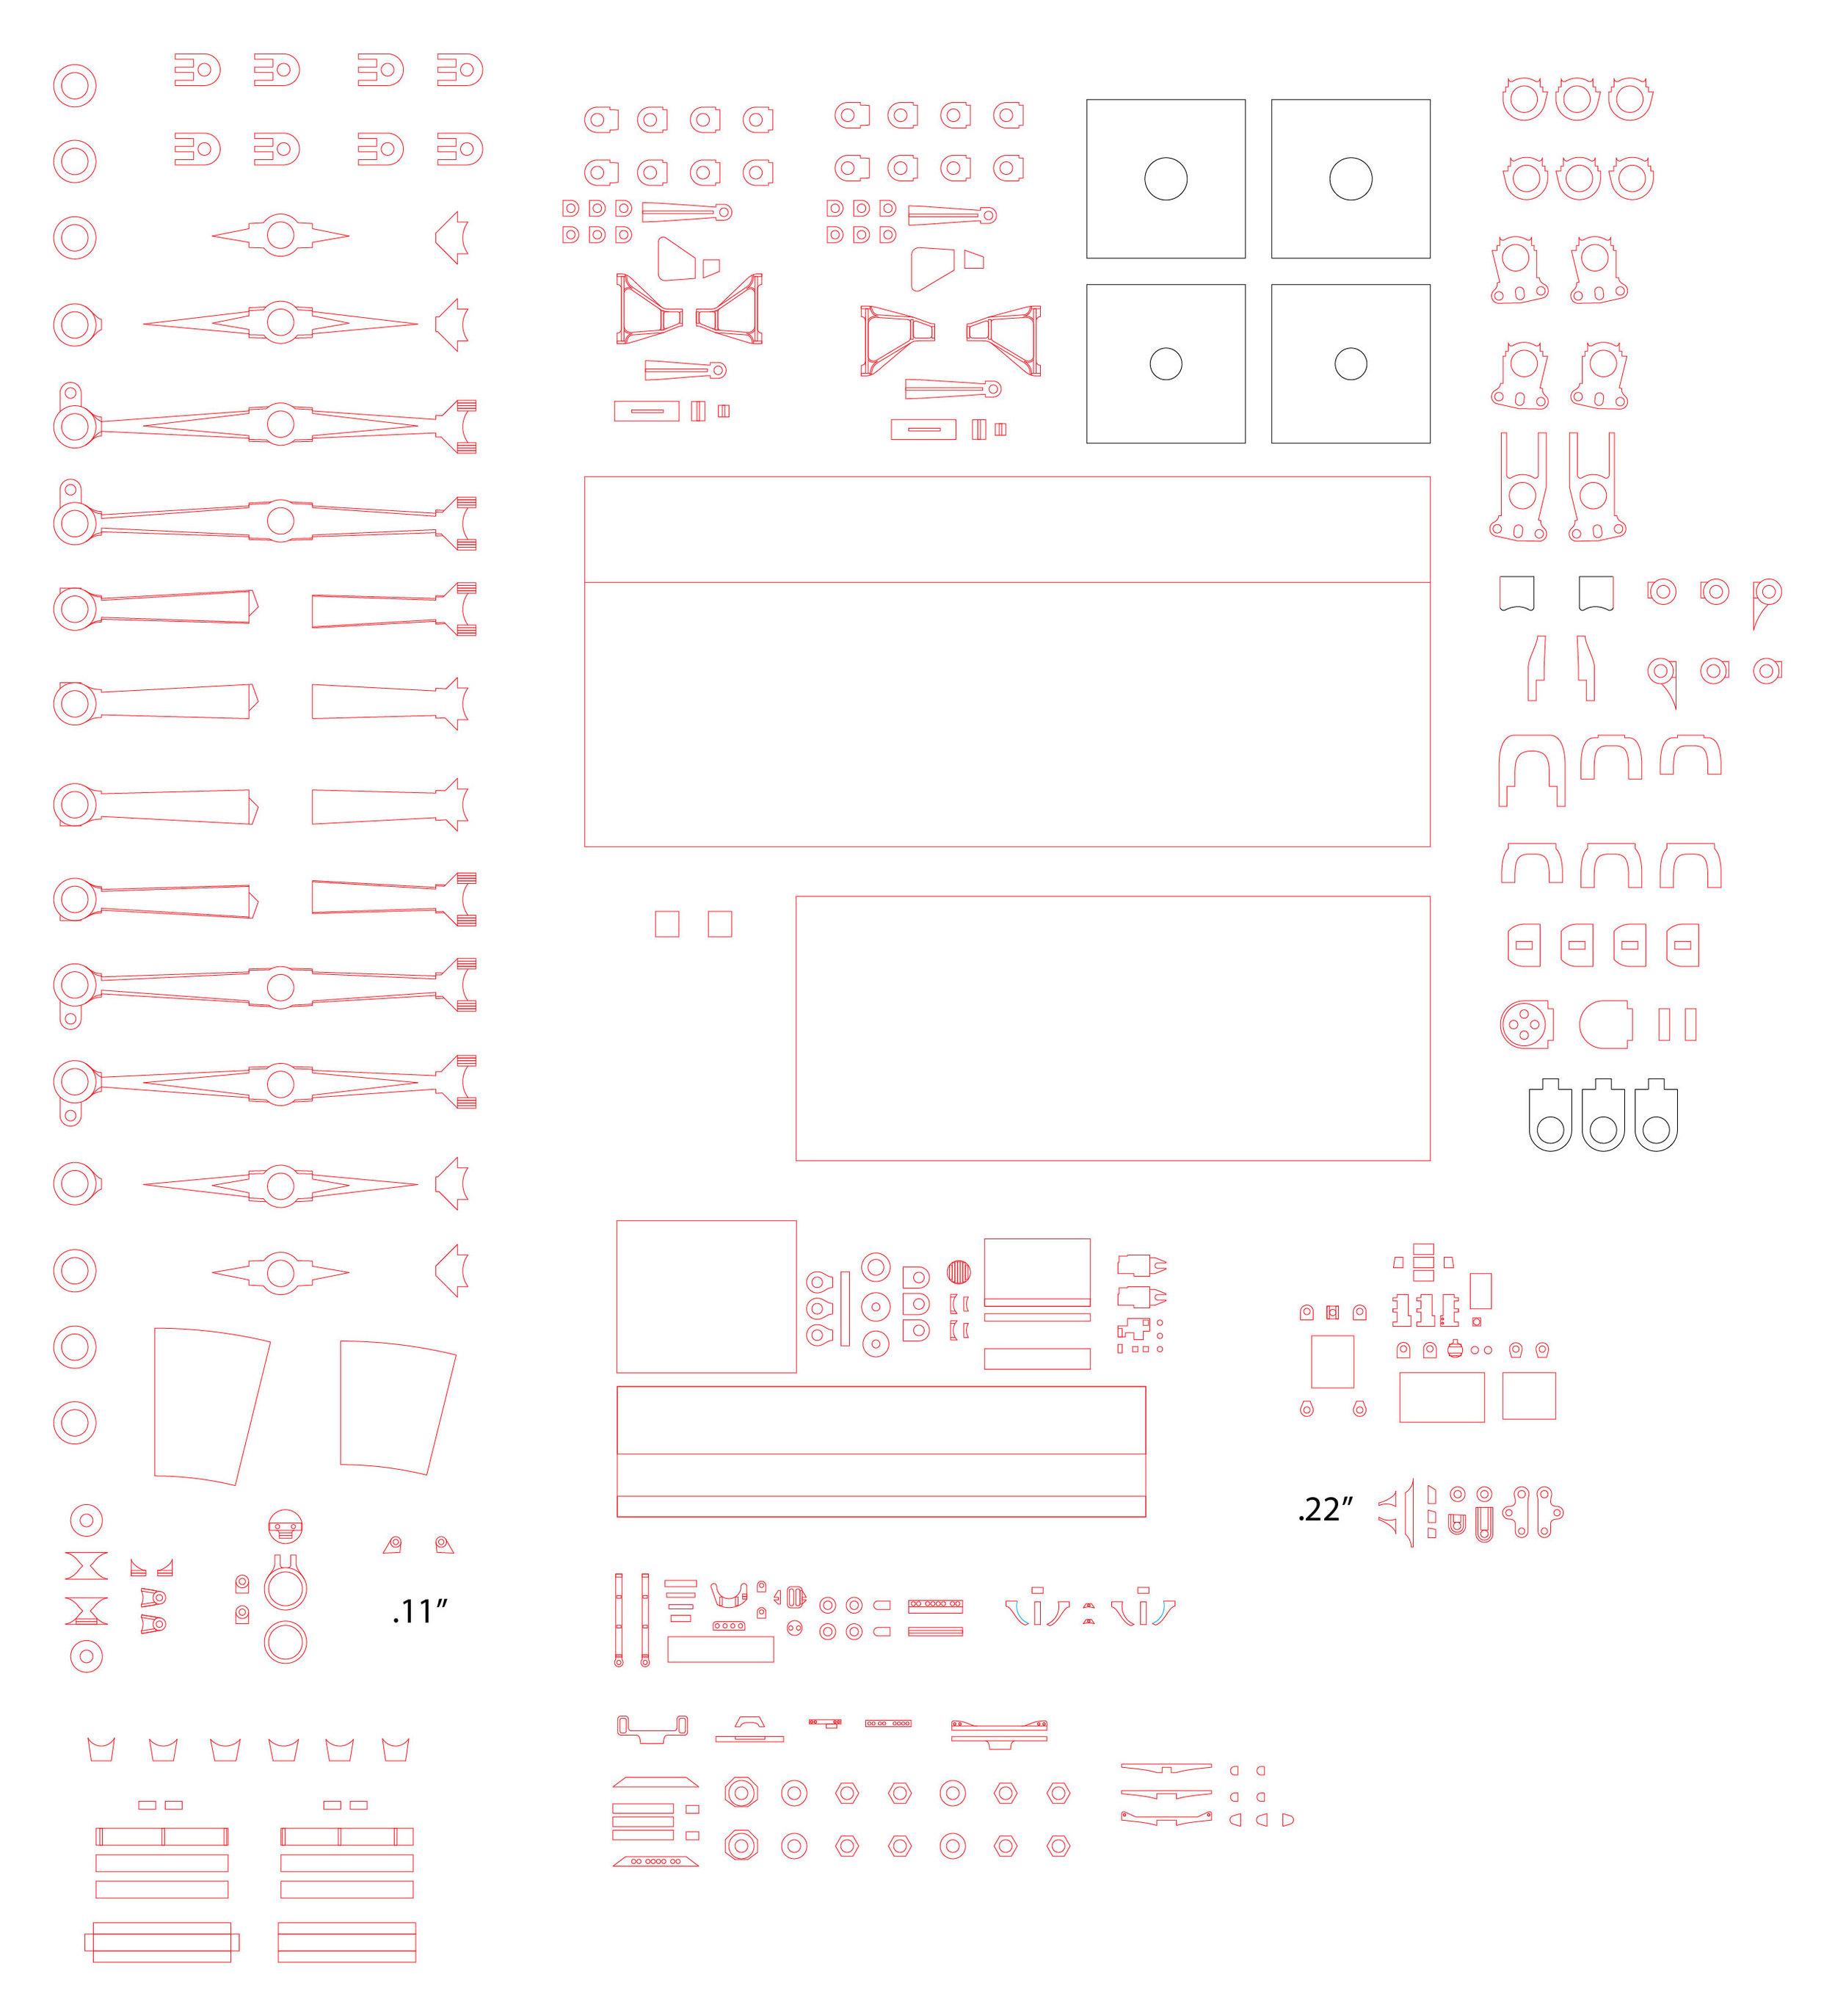 Landing gear - MLG - drawings 4.jpg